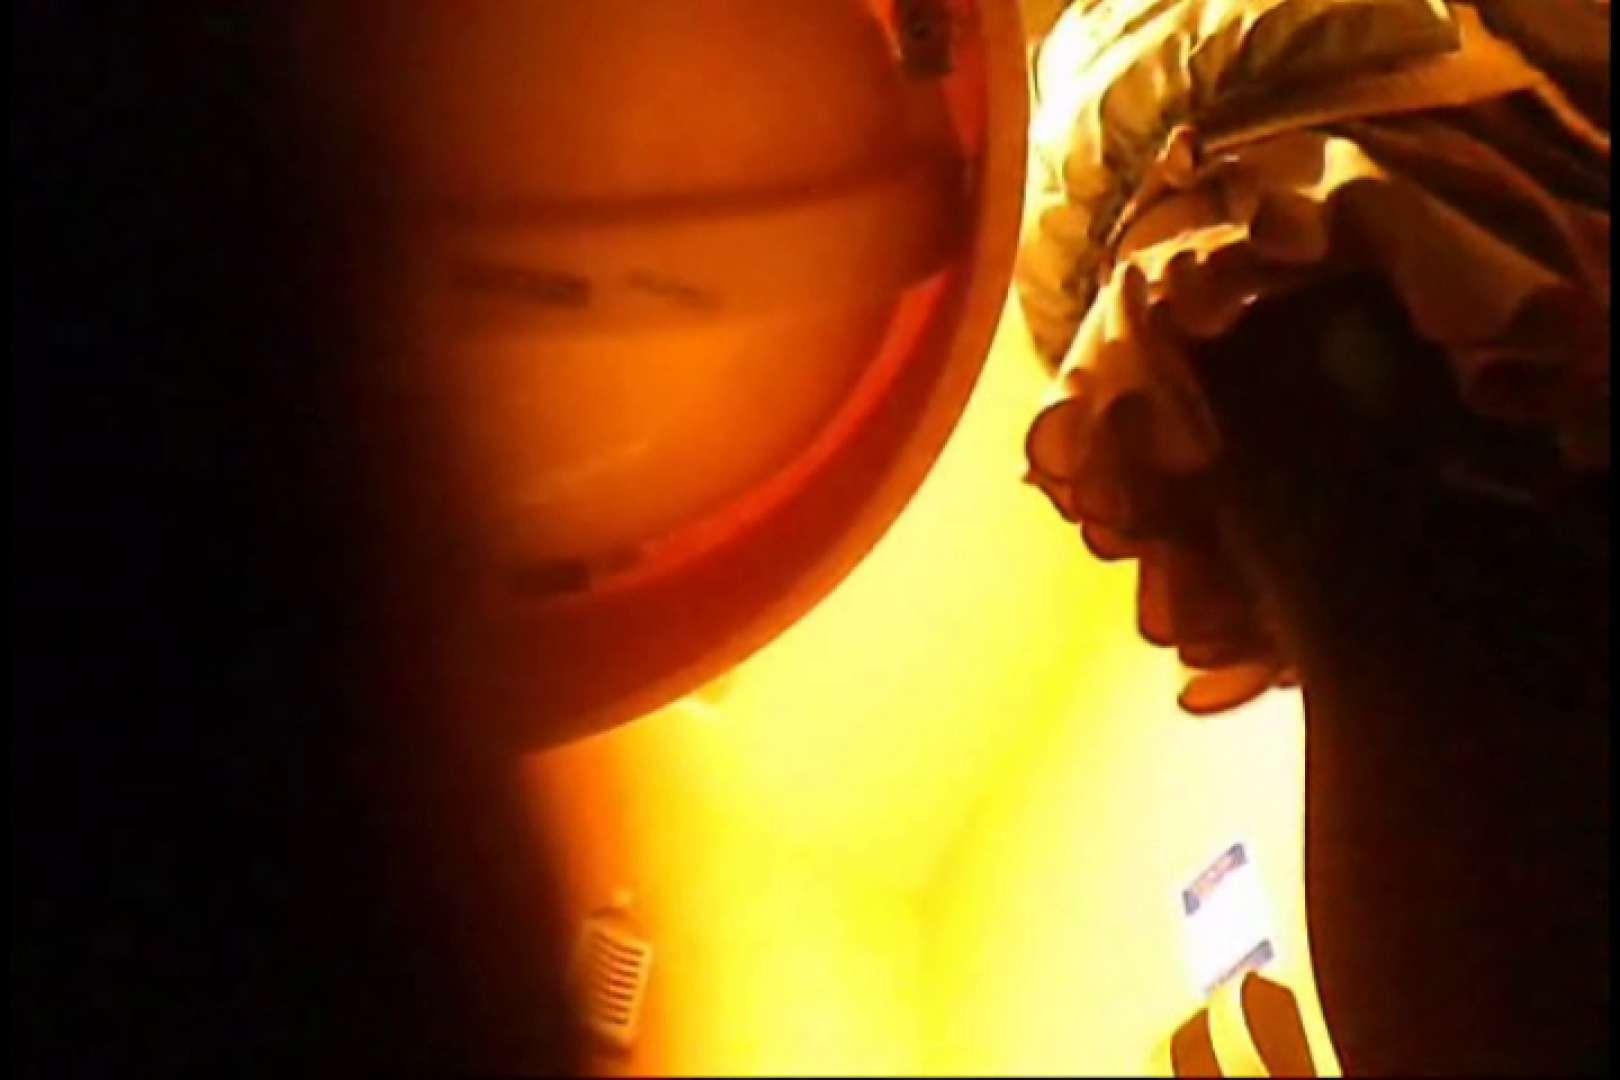 潜入!!女子化粧室盗撮~絶対見られたくない時間~vo,4 潜入 AV無料動画キャプチャ 87連発 75